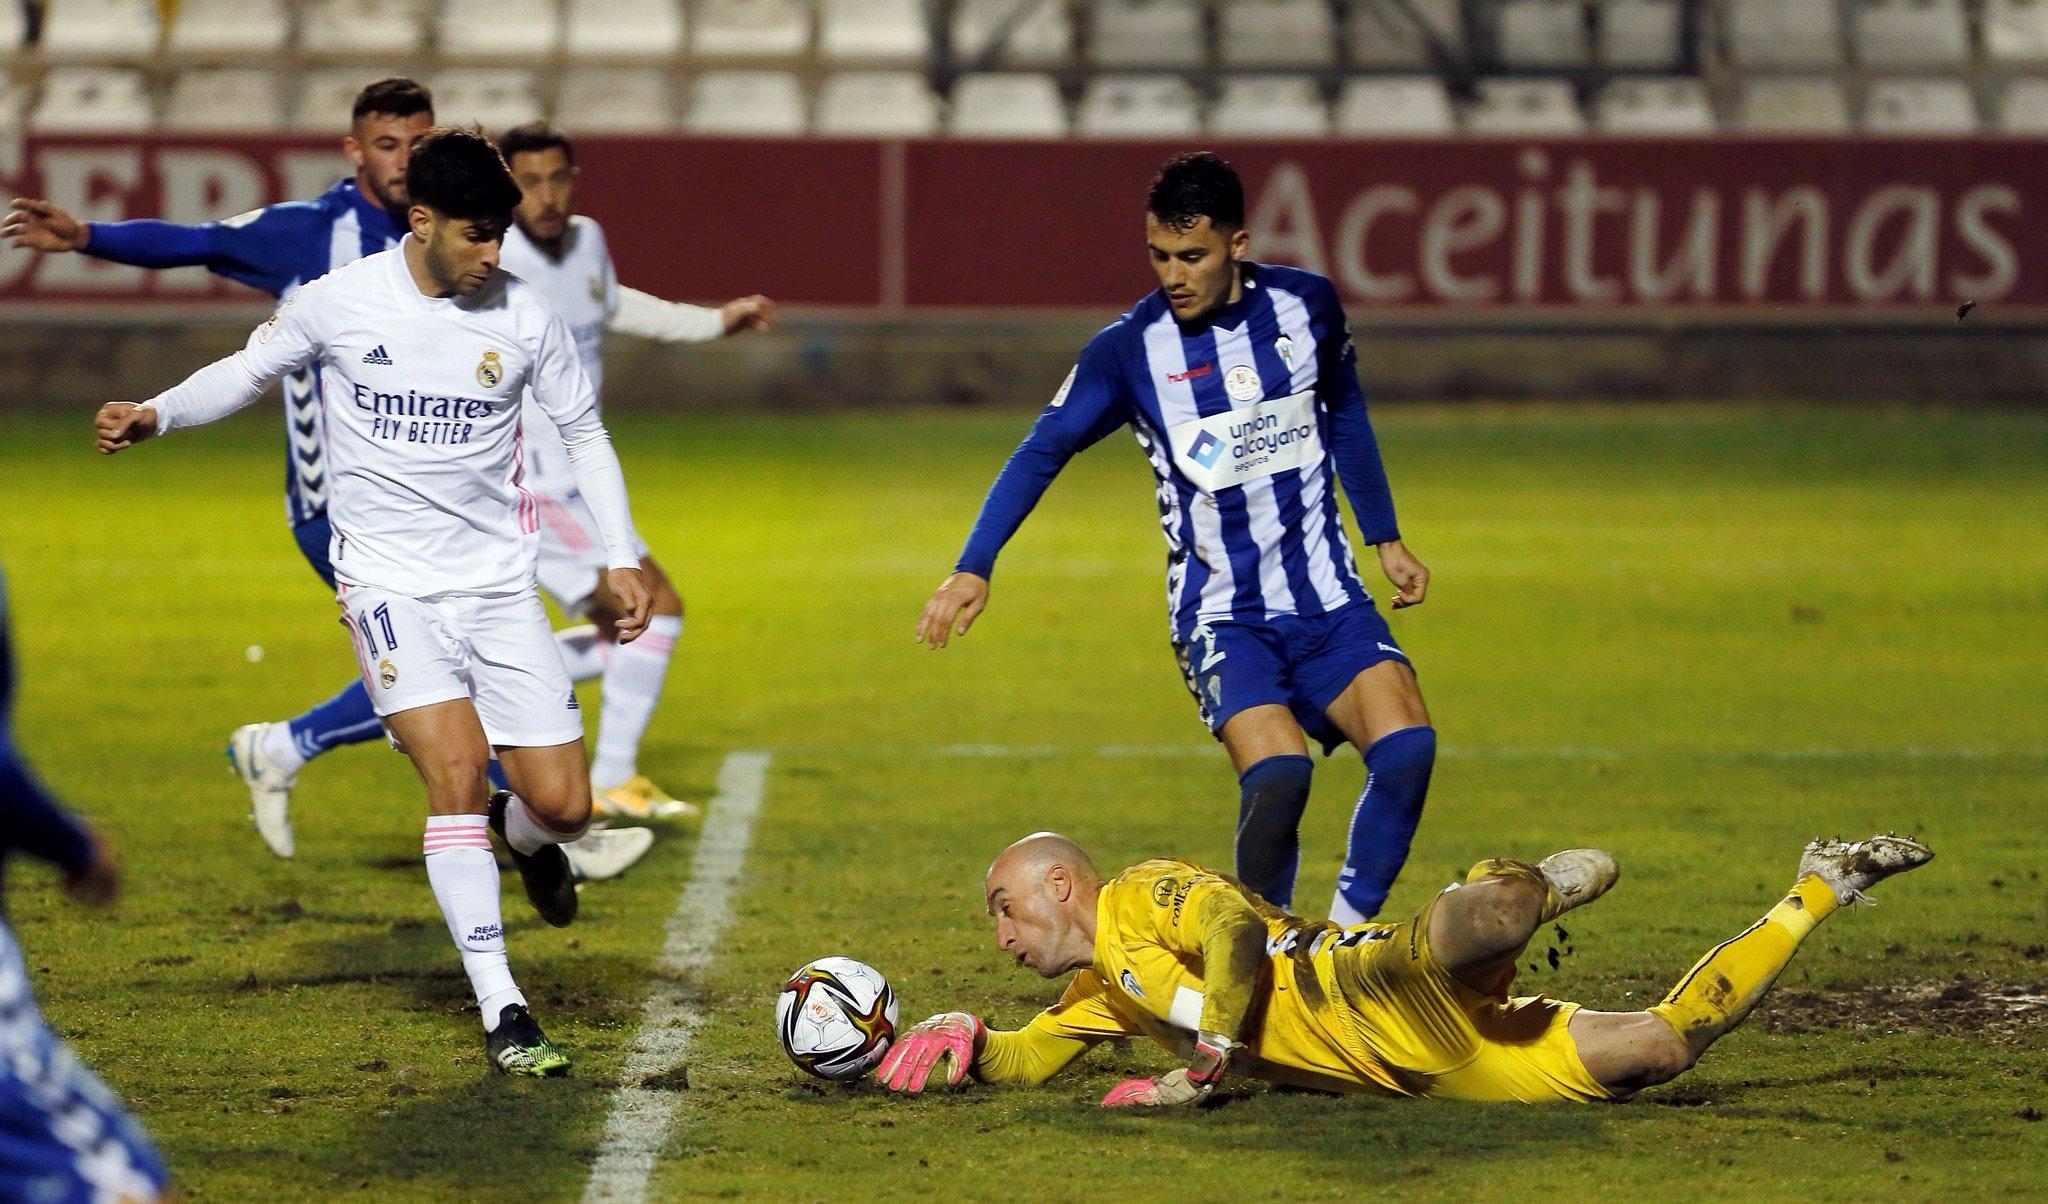 Fracasotote del Real Madrid; lo eliminó equipo de la Segunda División B